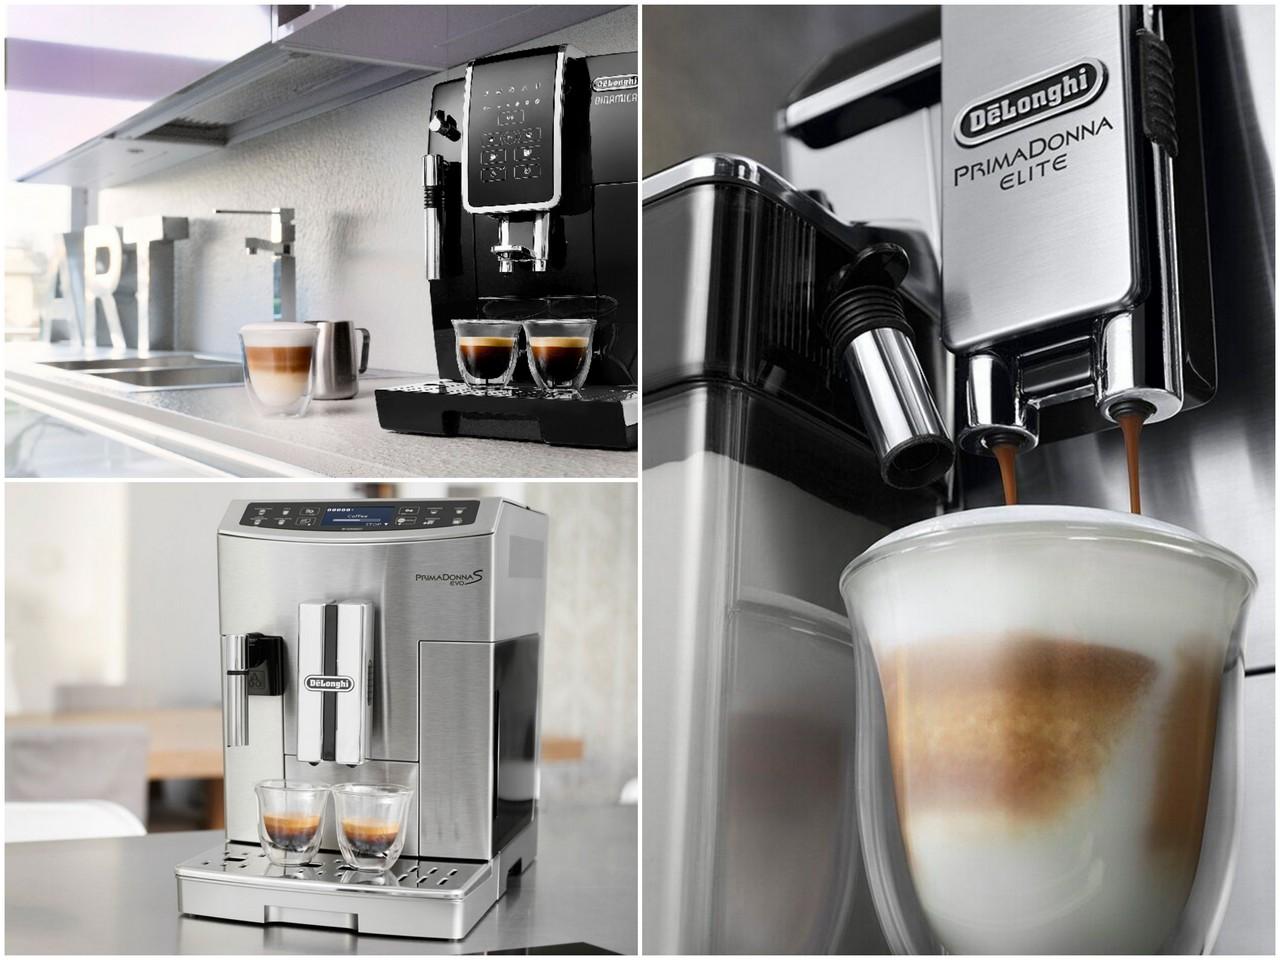 Признаки неисправностей кофемашины DeLonghi